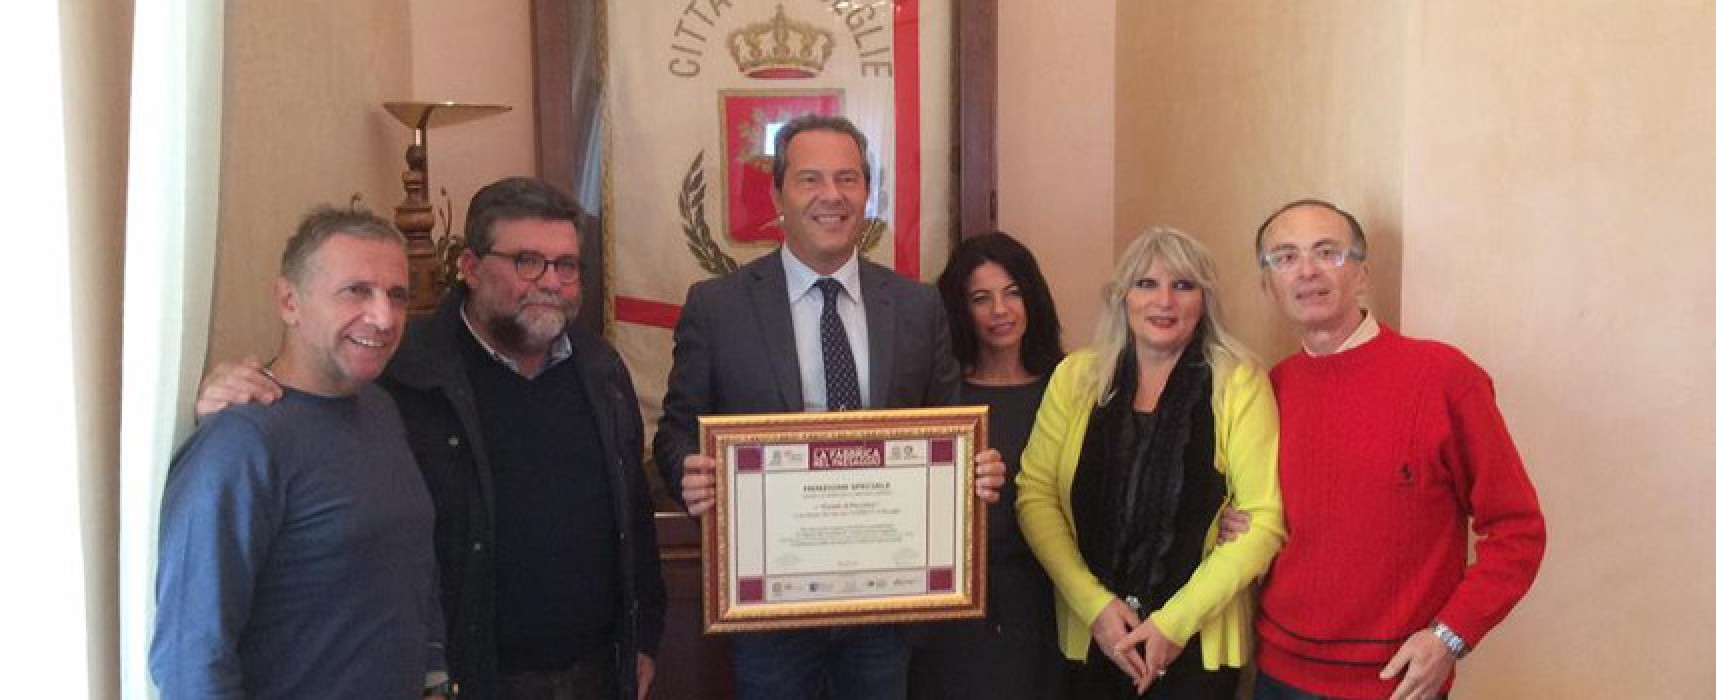 Comune di Bisceglie riceve riconoscimento internazionale per il restauro del Casale di Pacciano